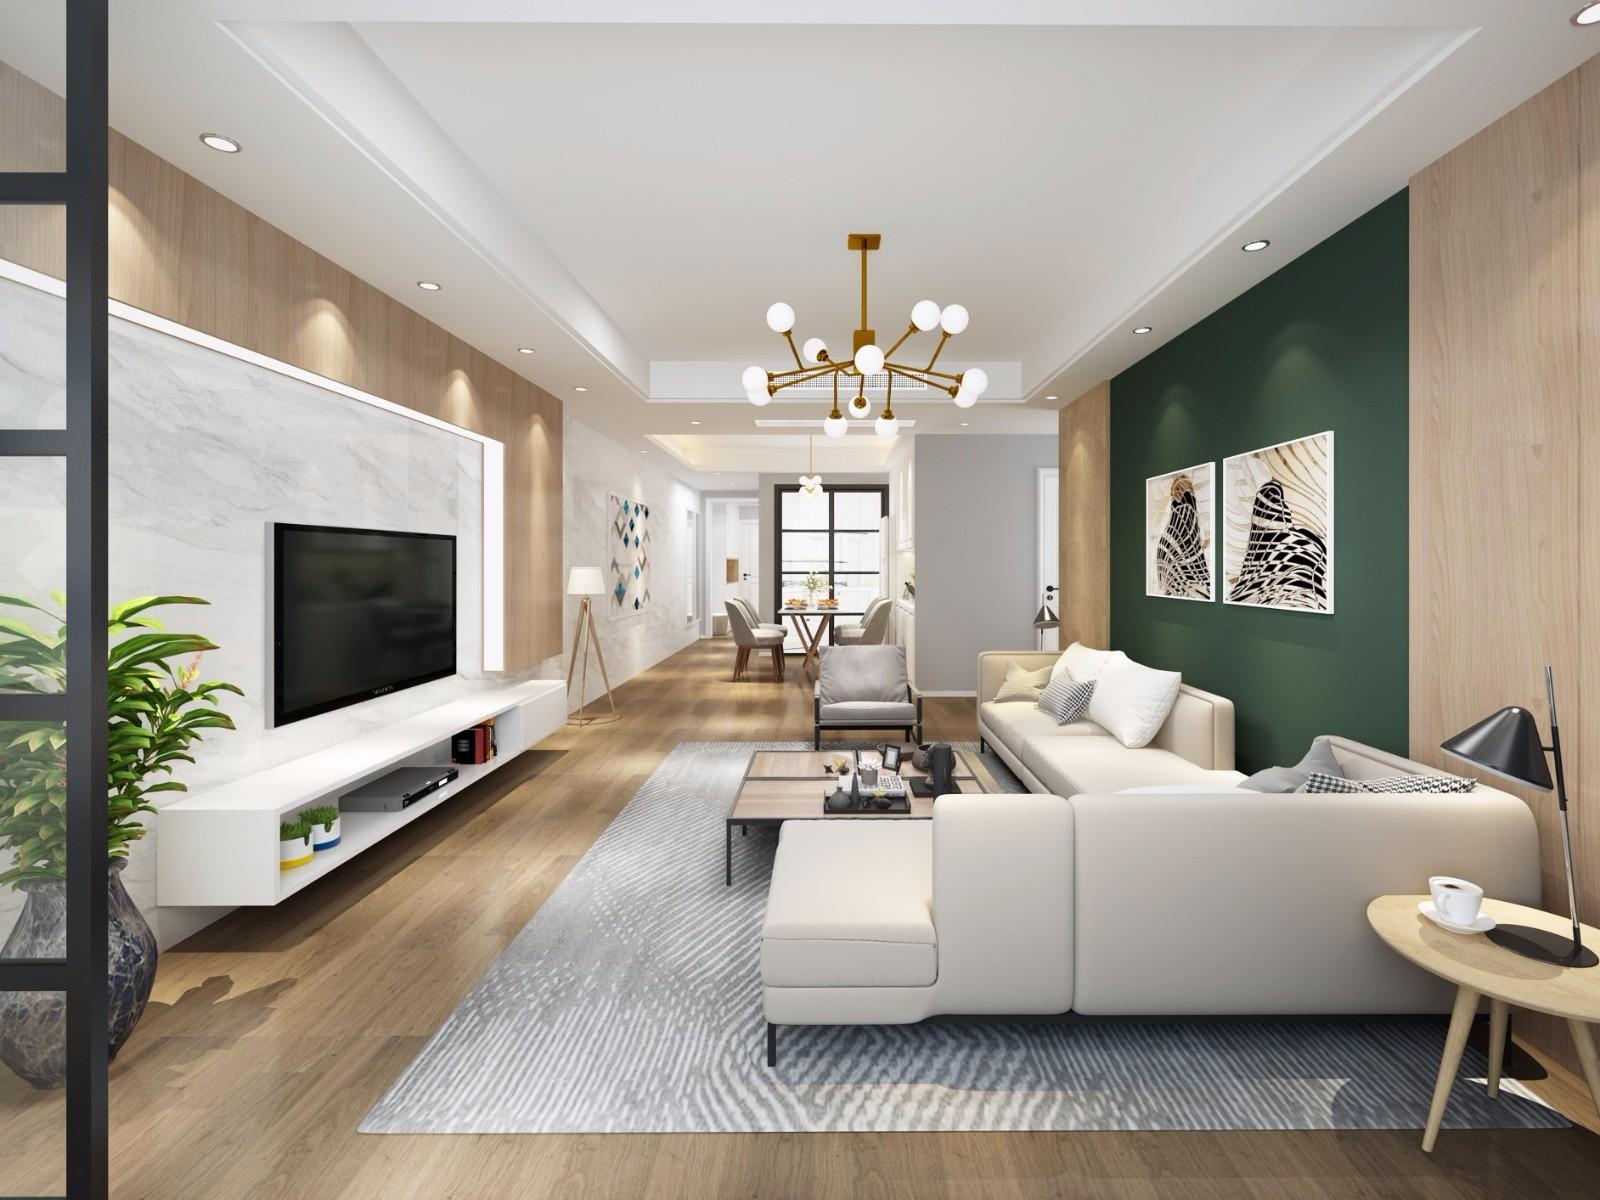 现代风格152平米四室两厅新房装修效果图